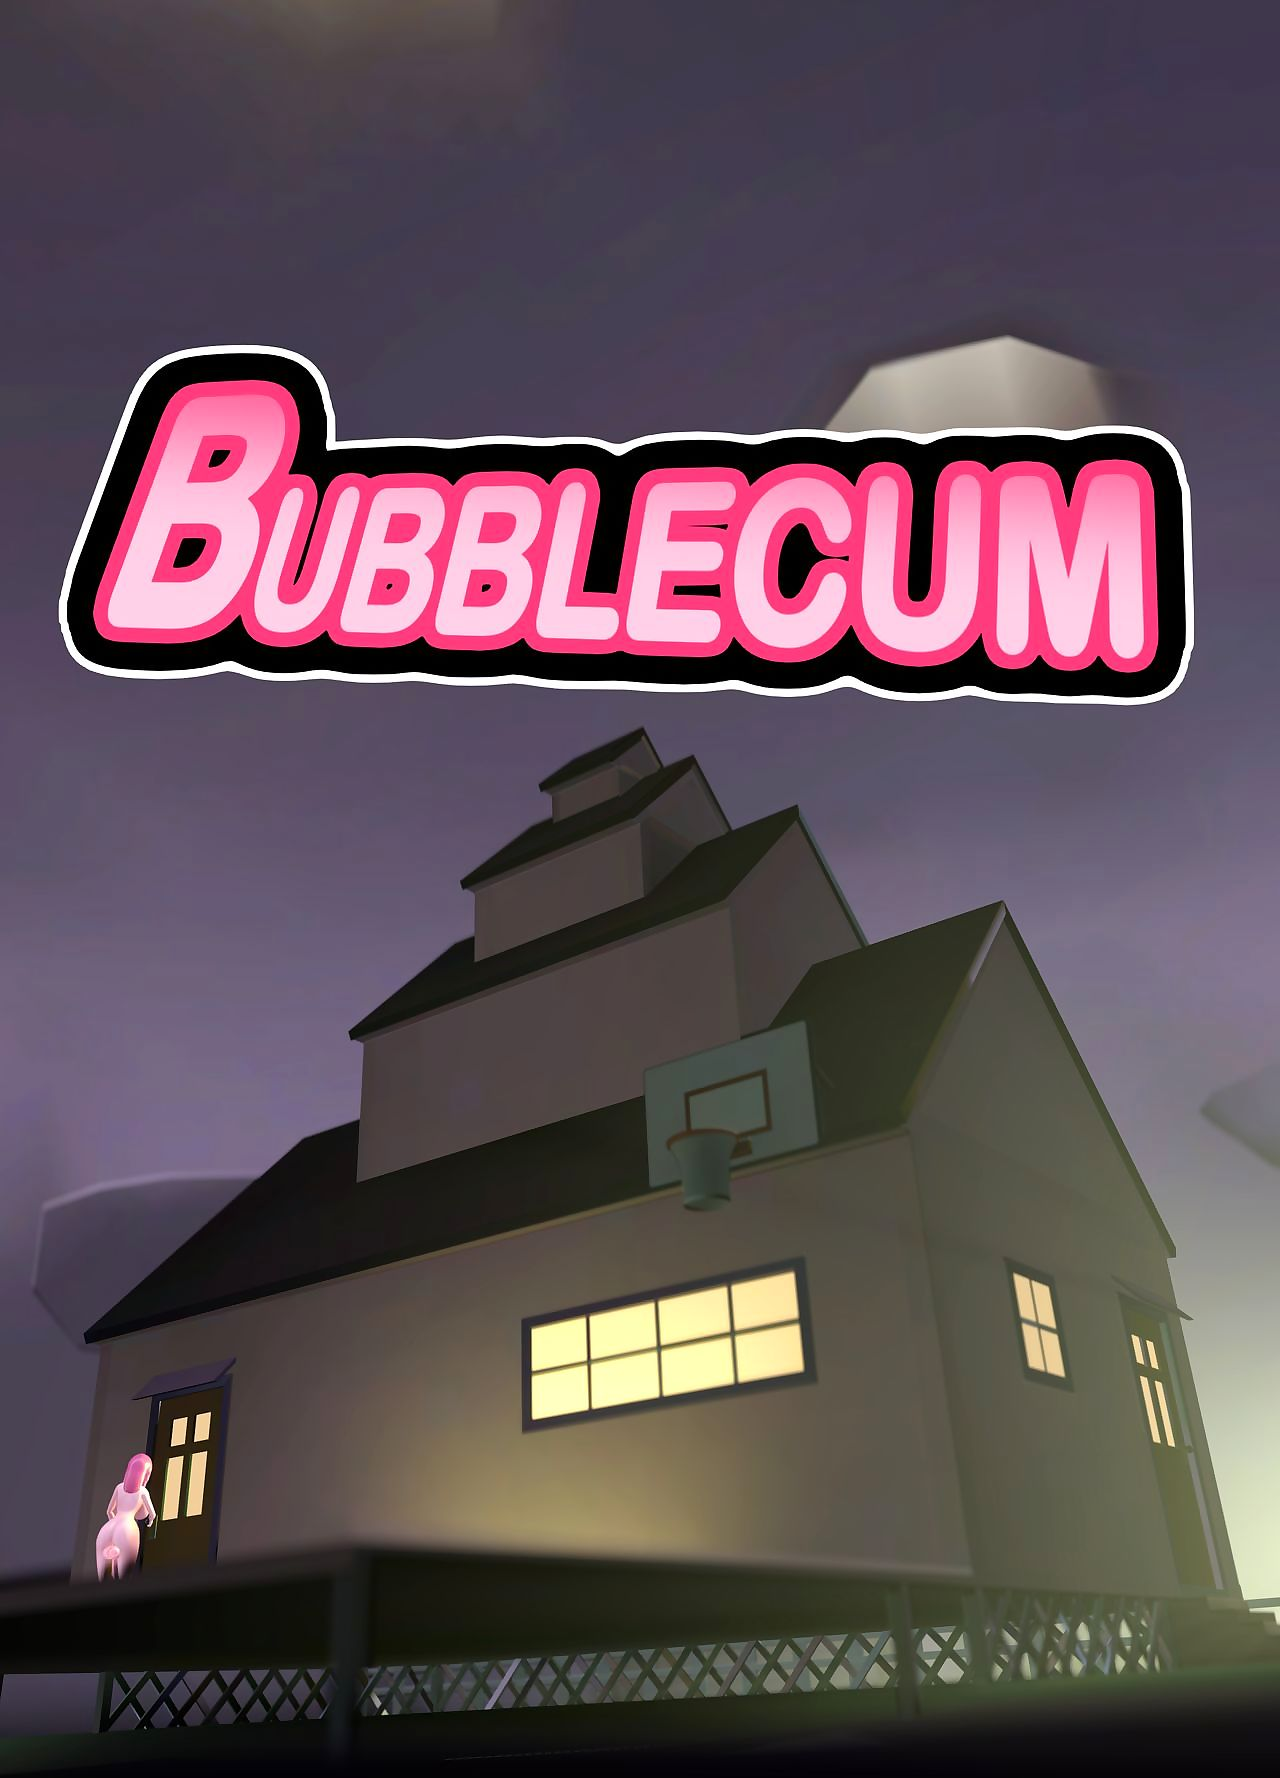 Bubblecum